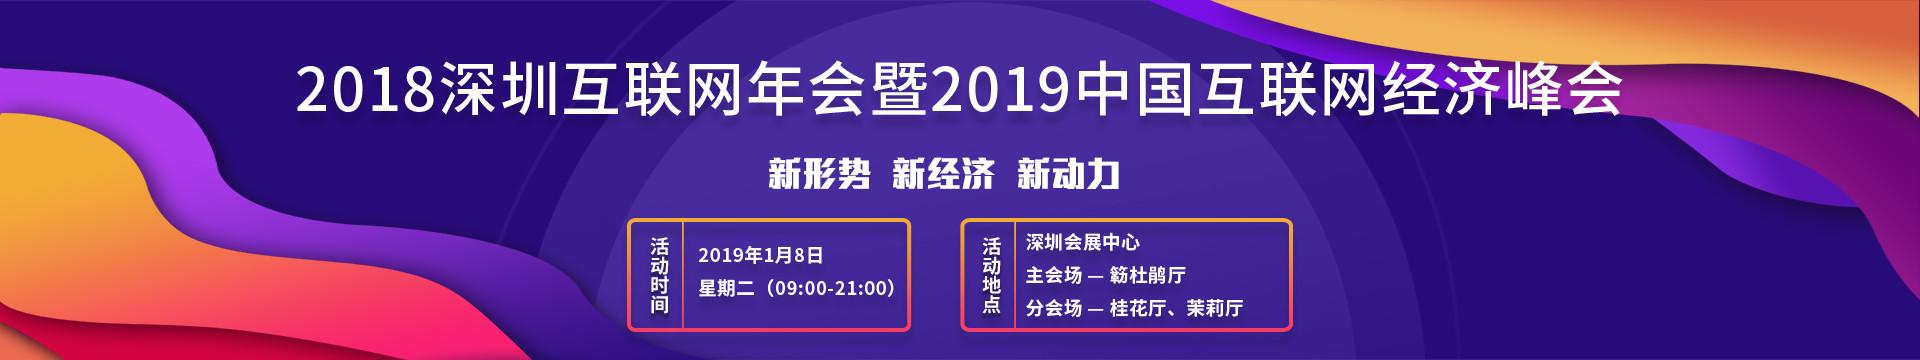 2018深圳互联网年会暨2019中国互联网经济峰会 ---新形势 新经济 新动力